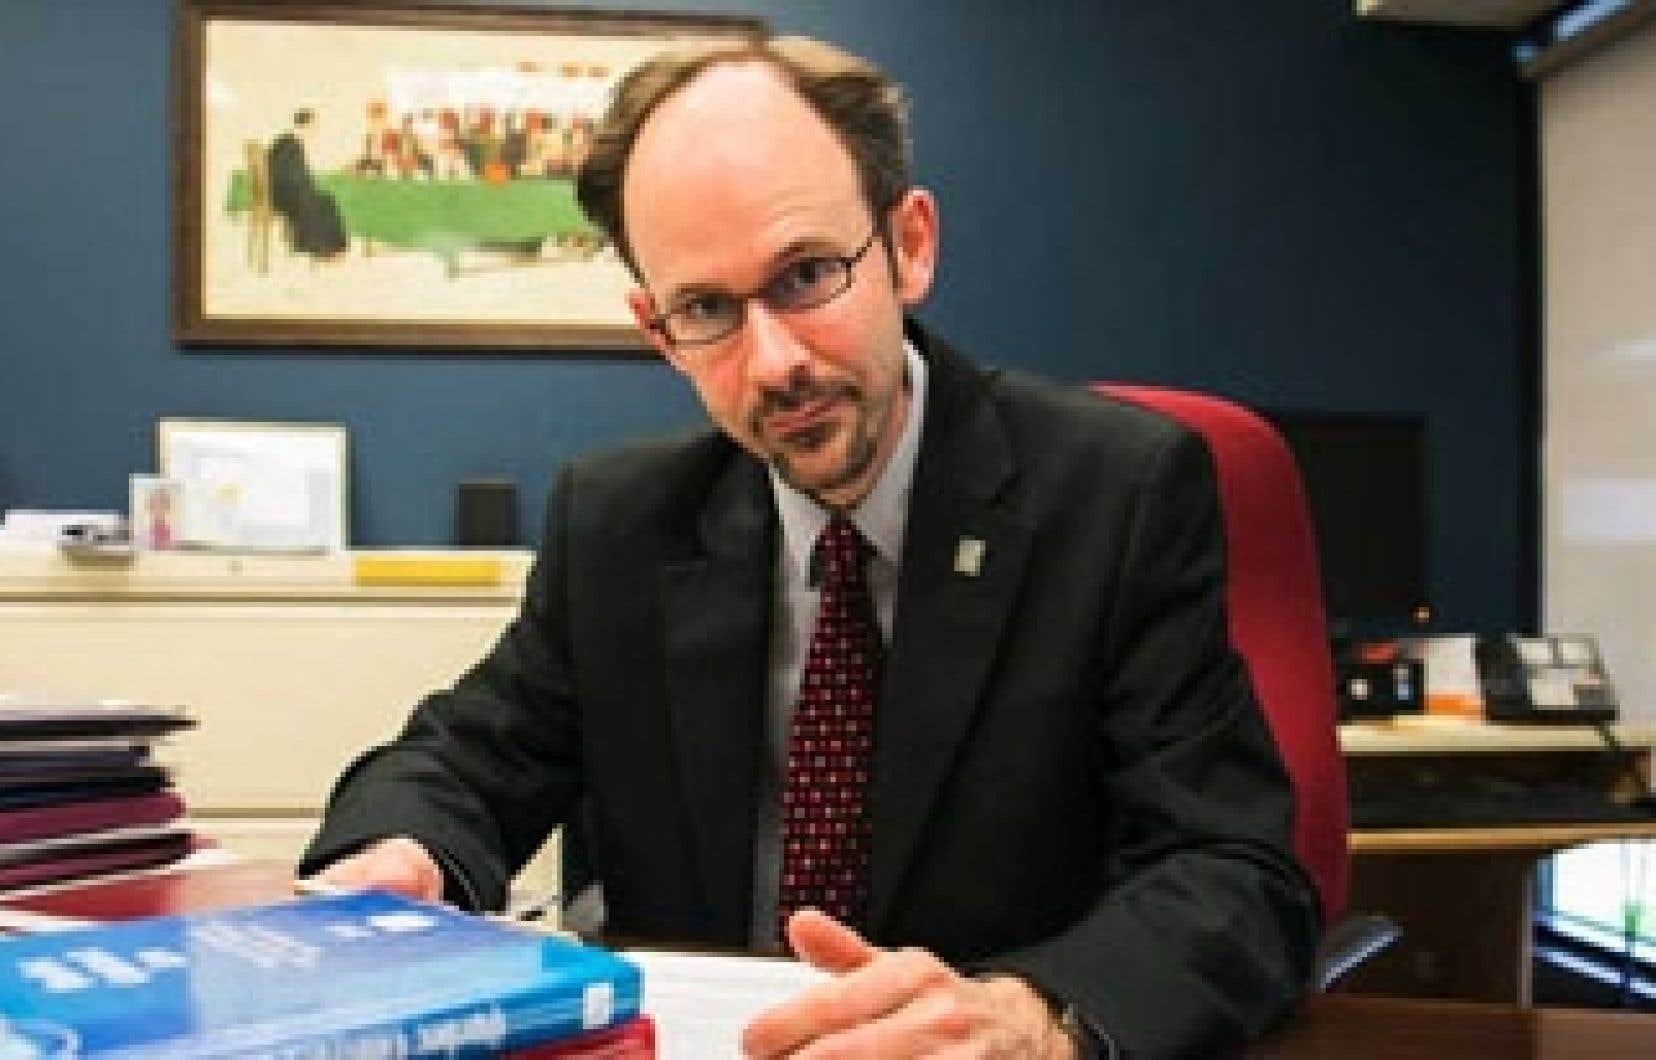 Sébastien Grammond, doyen de la Faculté de droit de l'Université d'Ottawa est convaincu des failles du projet péquiste. Il fait partie des 60 universitaires signataires du mémoire s'opposant au projet de loi 60.